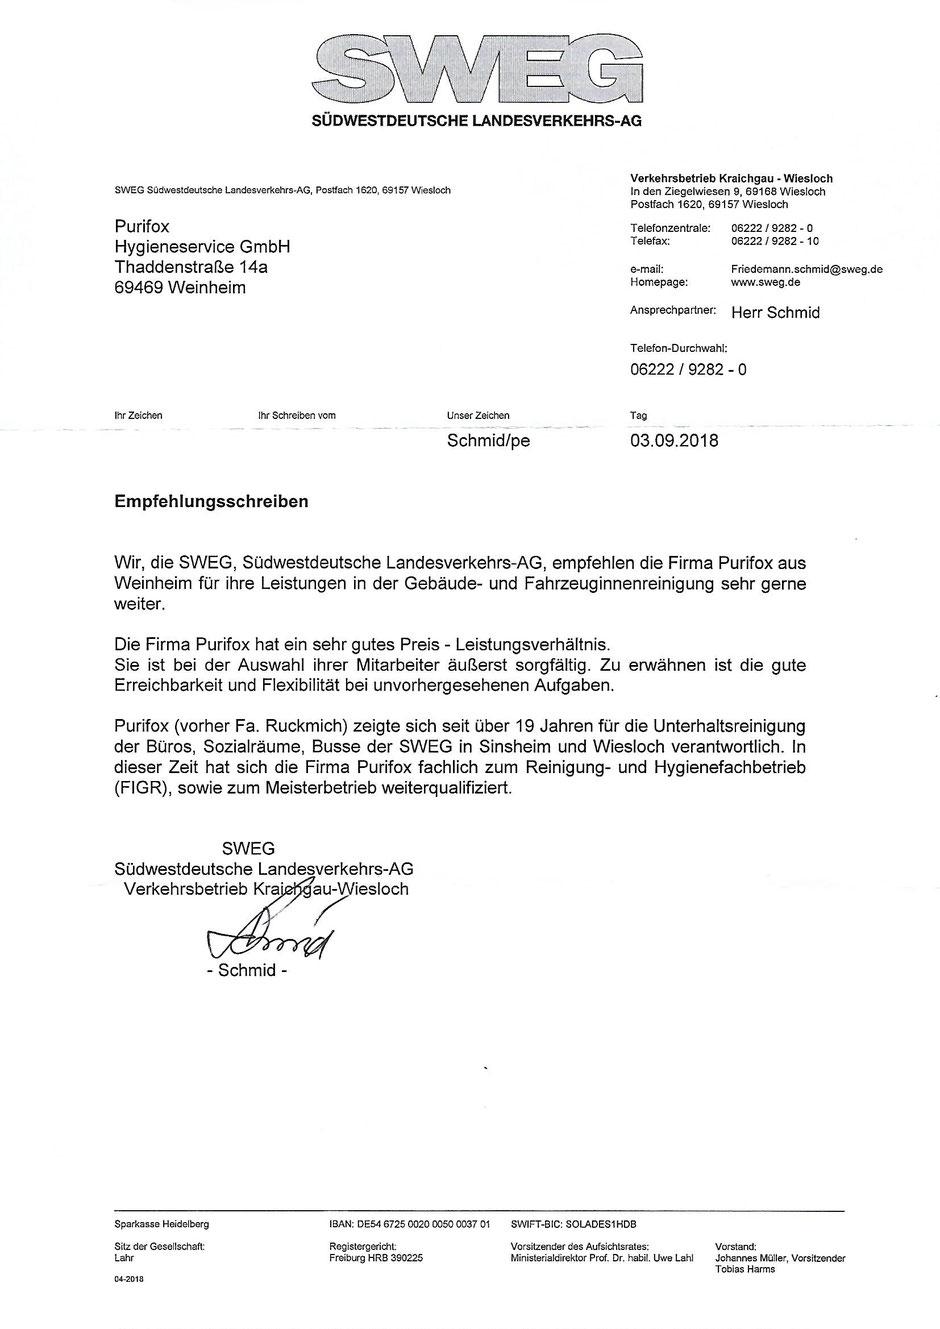 Empfehlungsschreiben - Gebäudereinigung in Mannheim & Umgebung